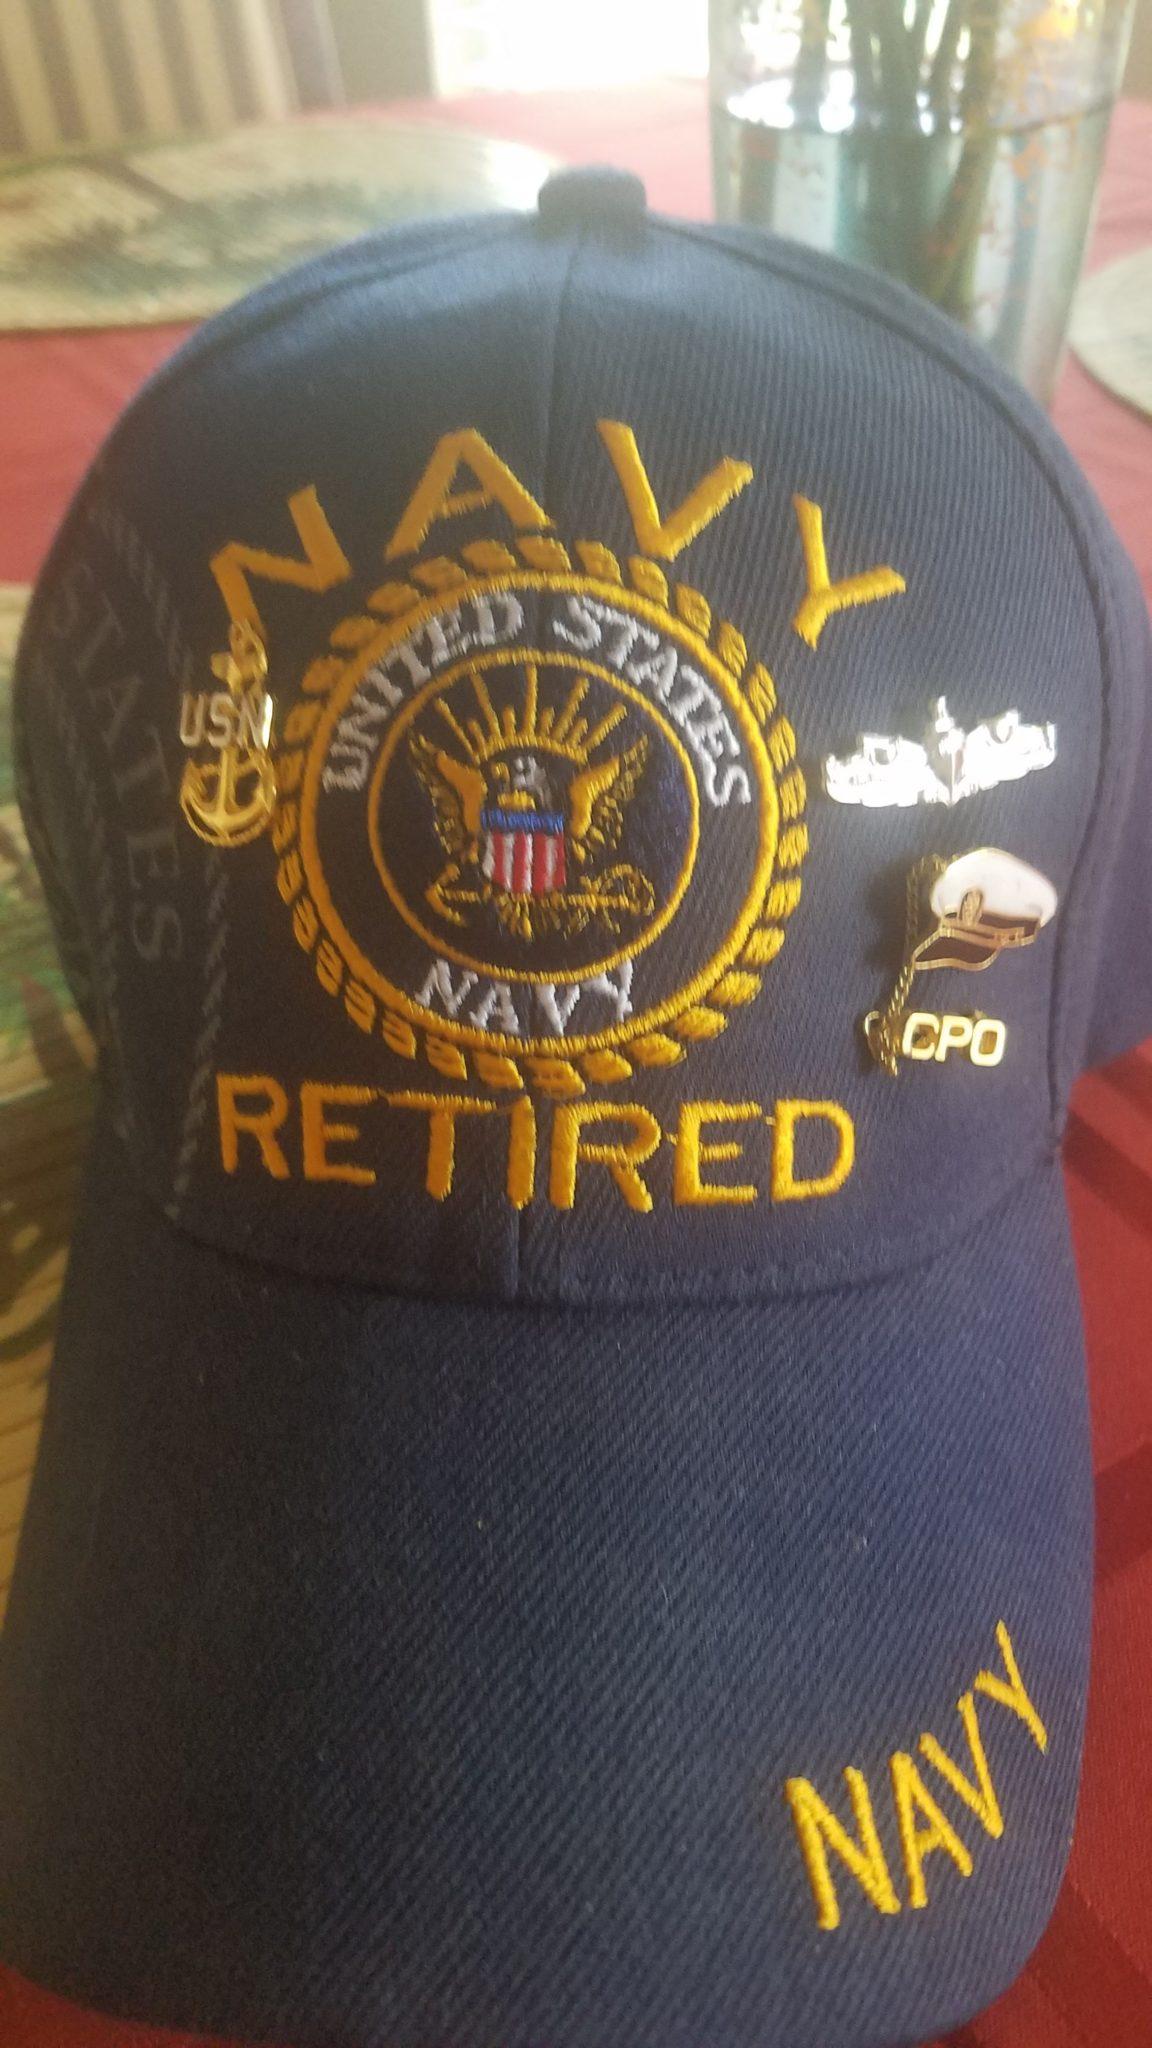 US Navy Retired ballcap